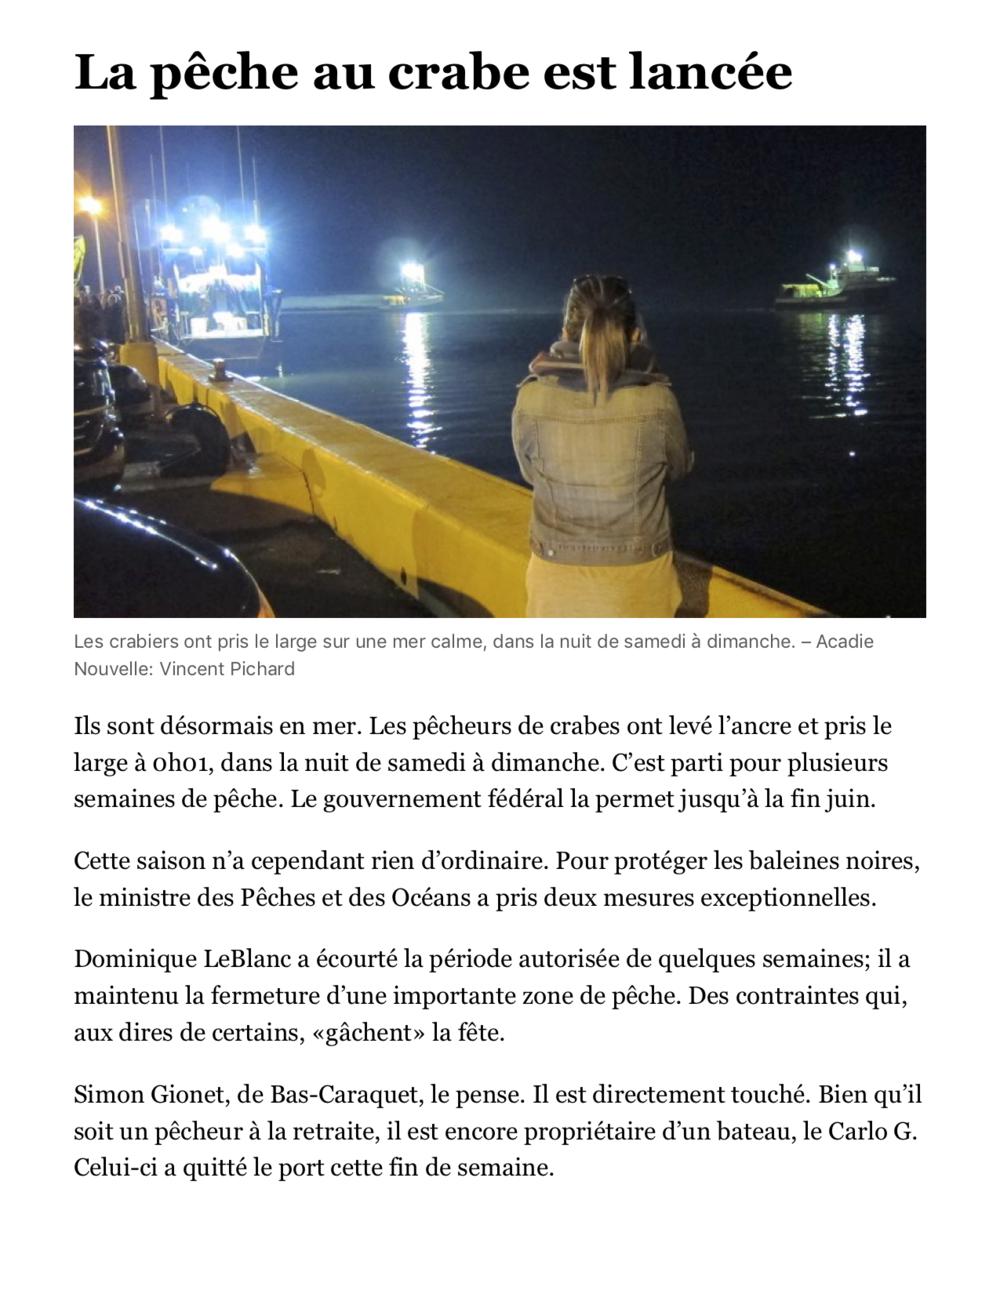 La pêche au crabe est lancée - Acadie Nouvelle (dragged).png